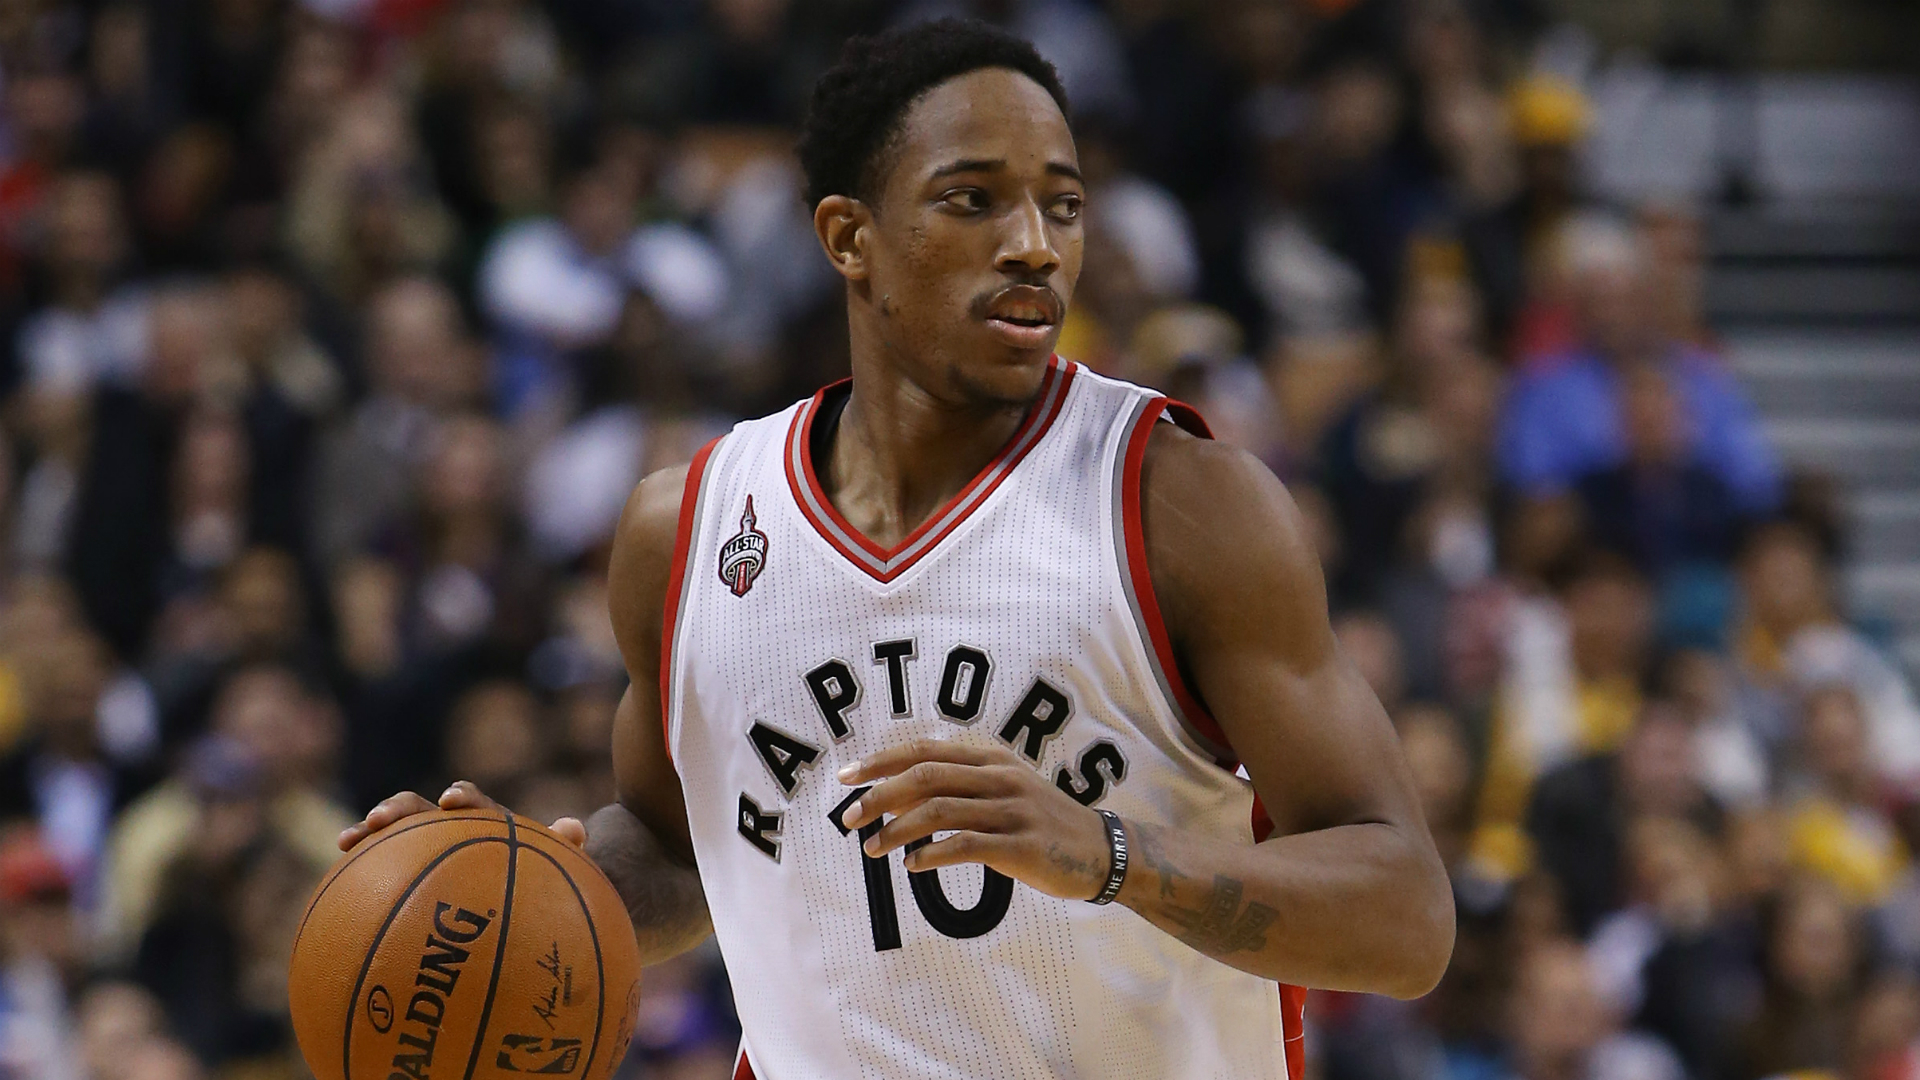 Sorry Lakers fans, DeMar DeRozan remains focused on Raptors